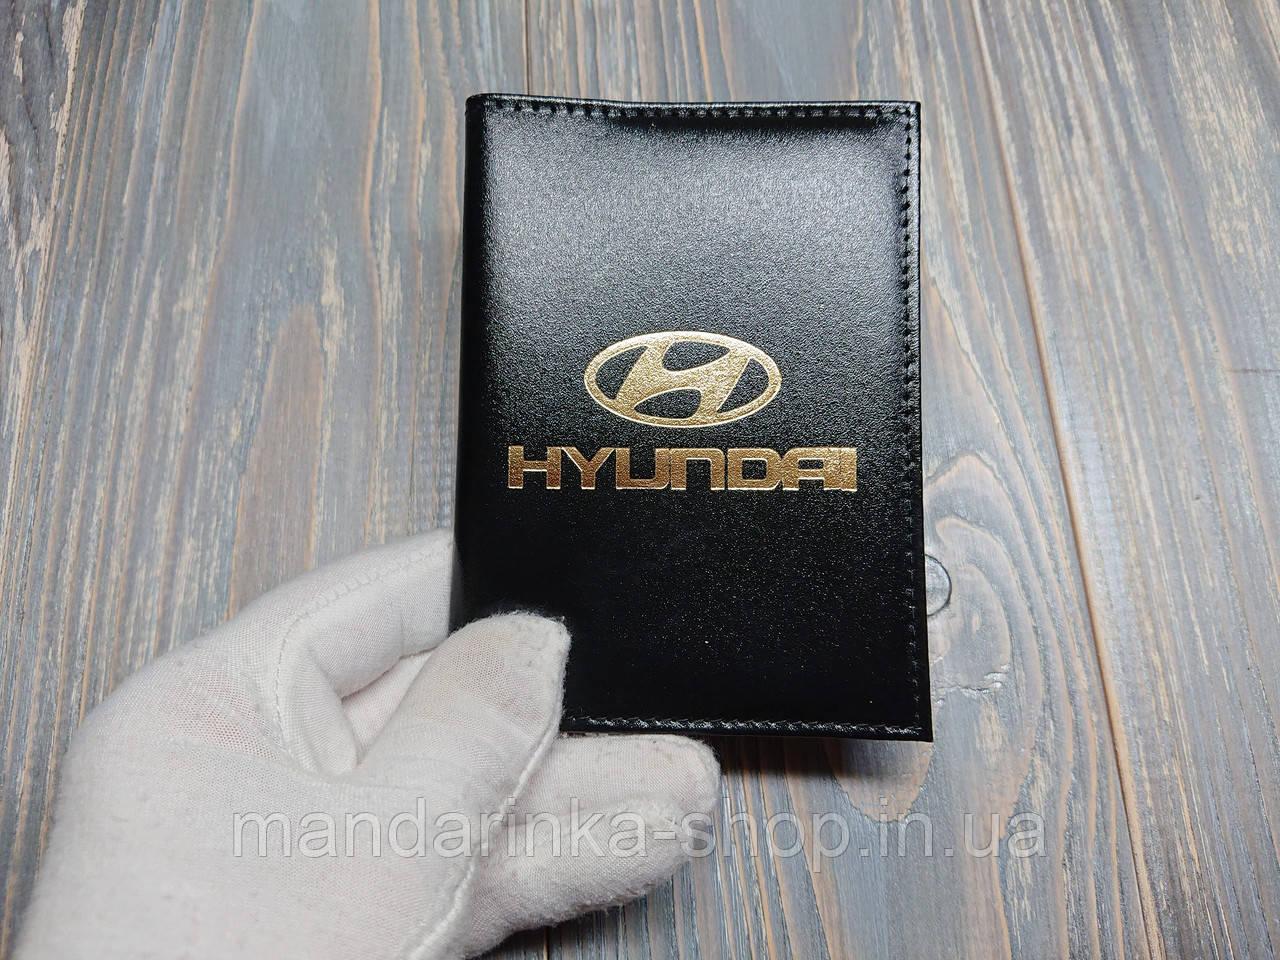 Шкіряна обкладинка для автодокументів з логотипом Hyundai, для прав старого і нового зразка